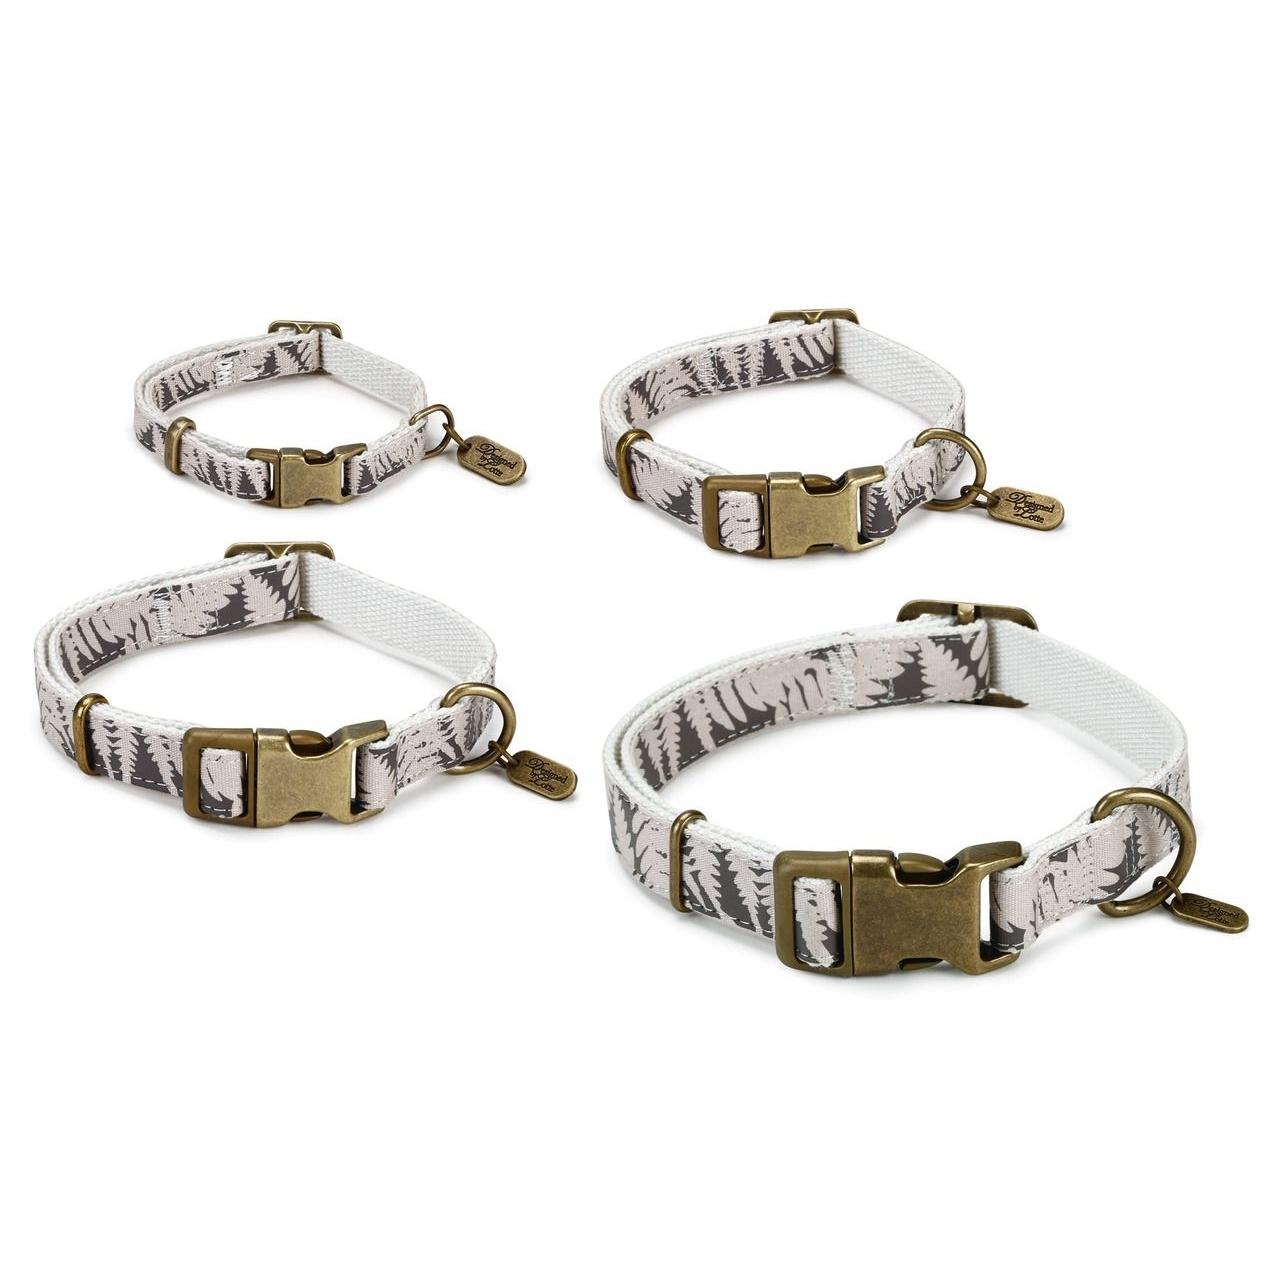 Designed By Lotte - Oribo Halsband oder Leine aus Nylon